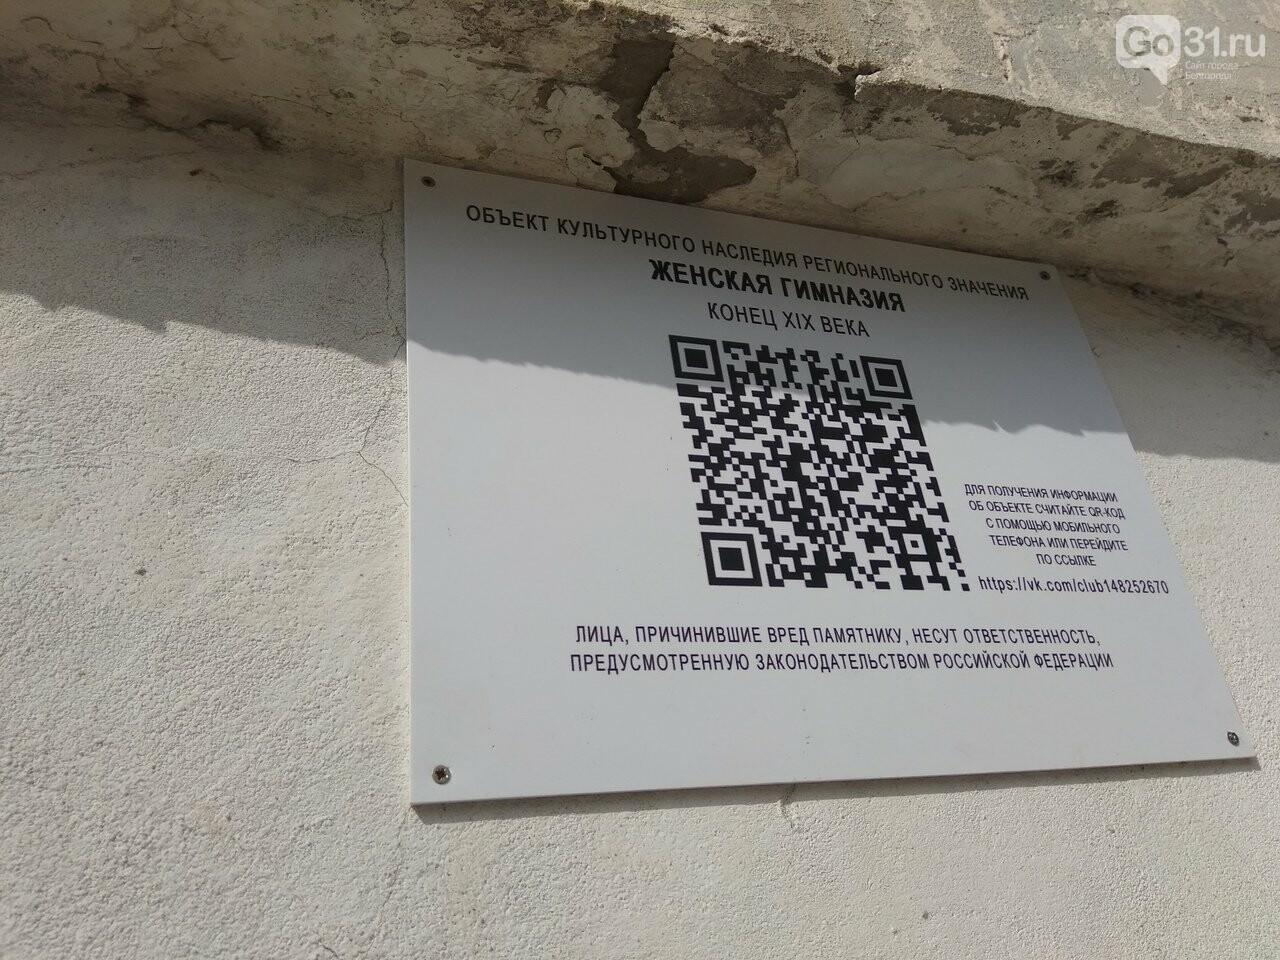 В Белгороде ищут инвестора для реставрации здания женской гимназии Коротковой, фото-5